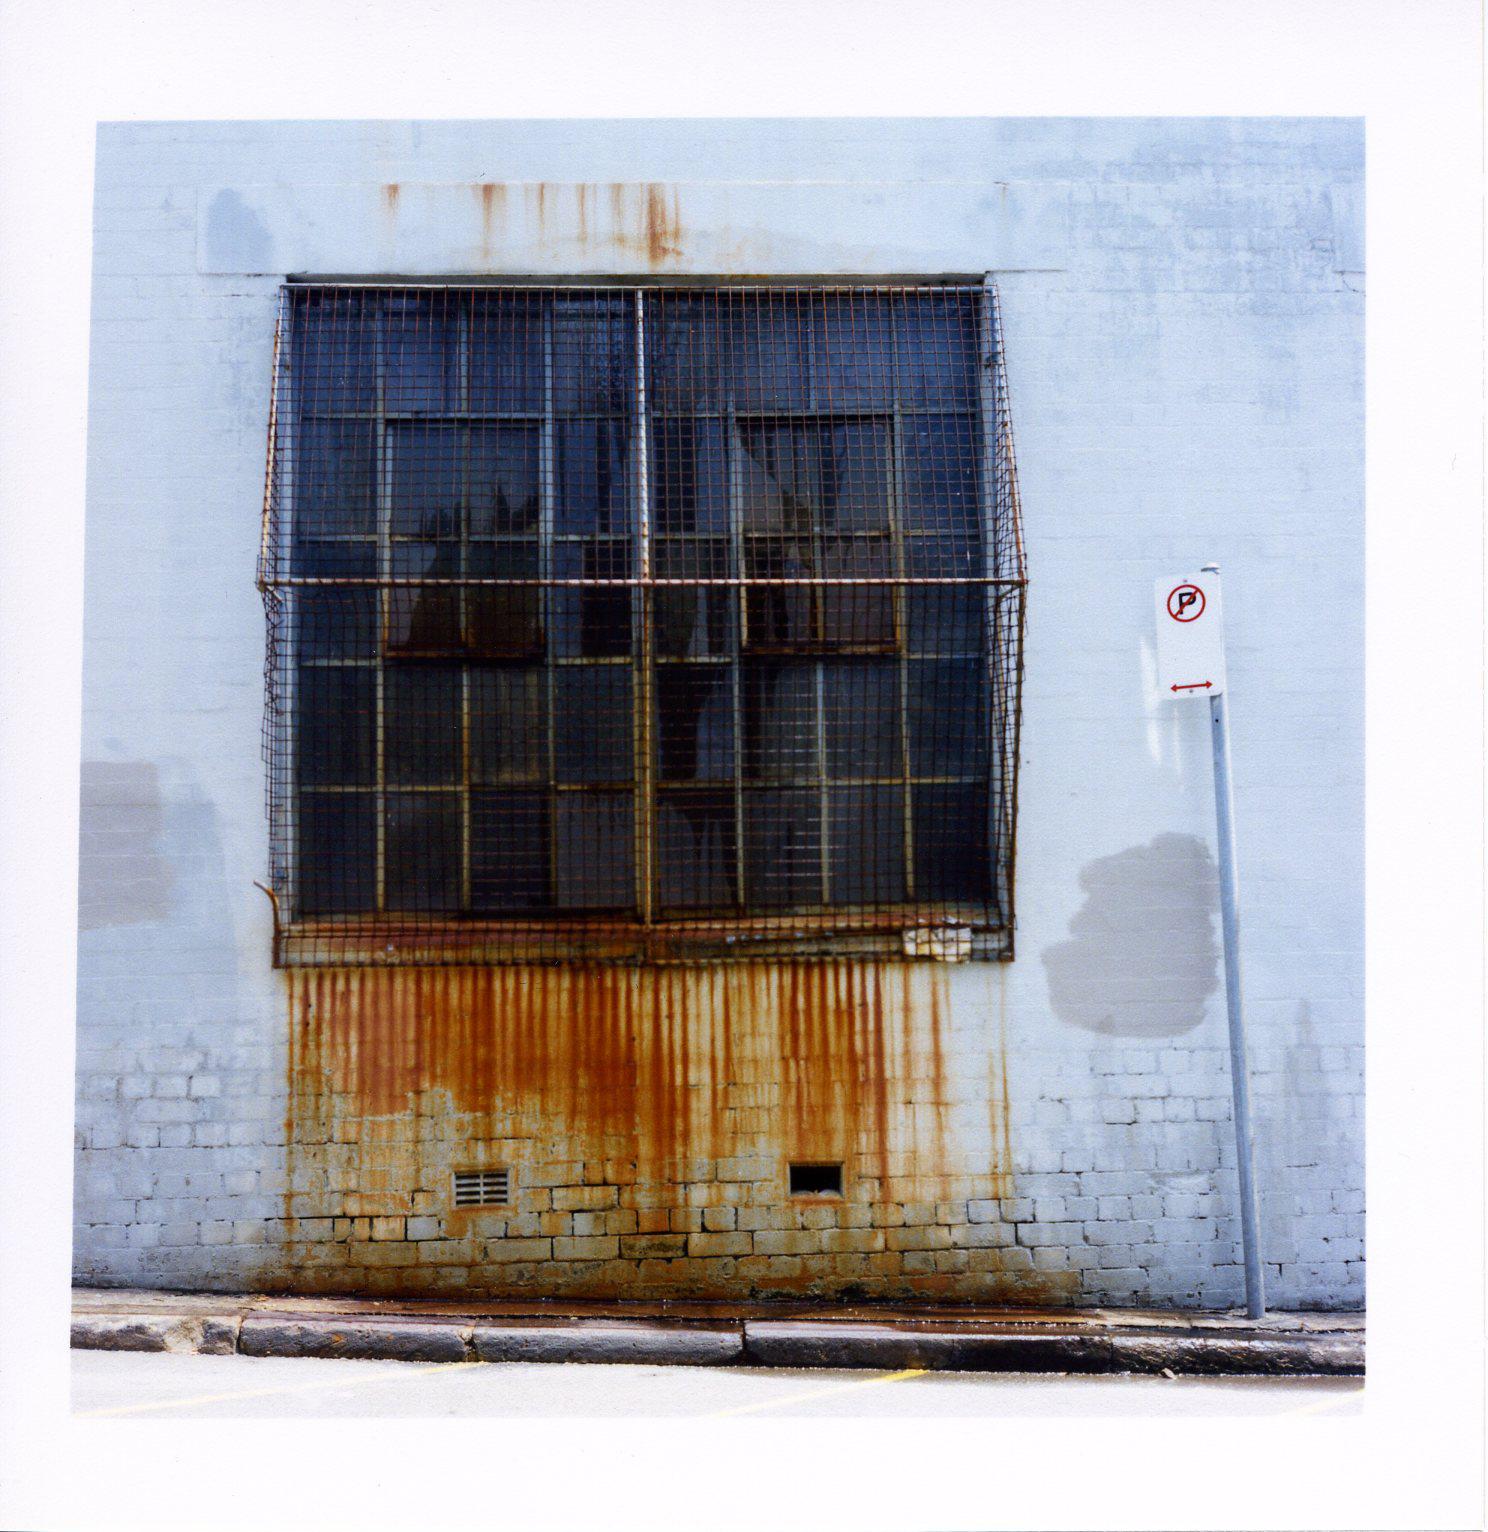 Kodak 400VC - Europe+Portland #1.jpg